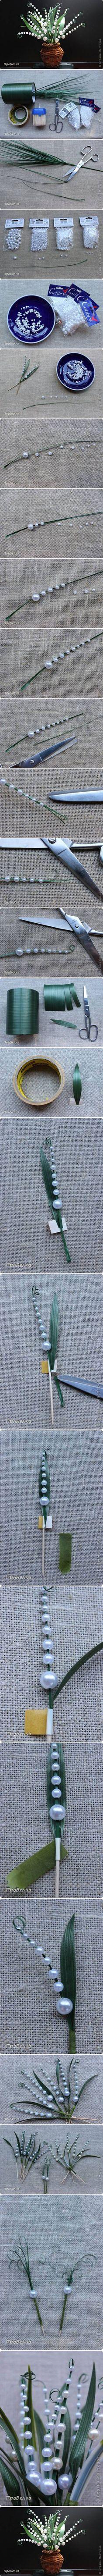 ръчна изработка lacramioare perlate 1 Собственоръчно lacramioare perlate Tutorial